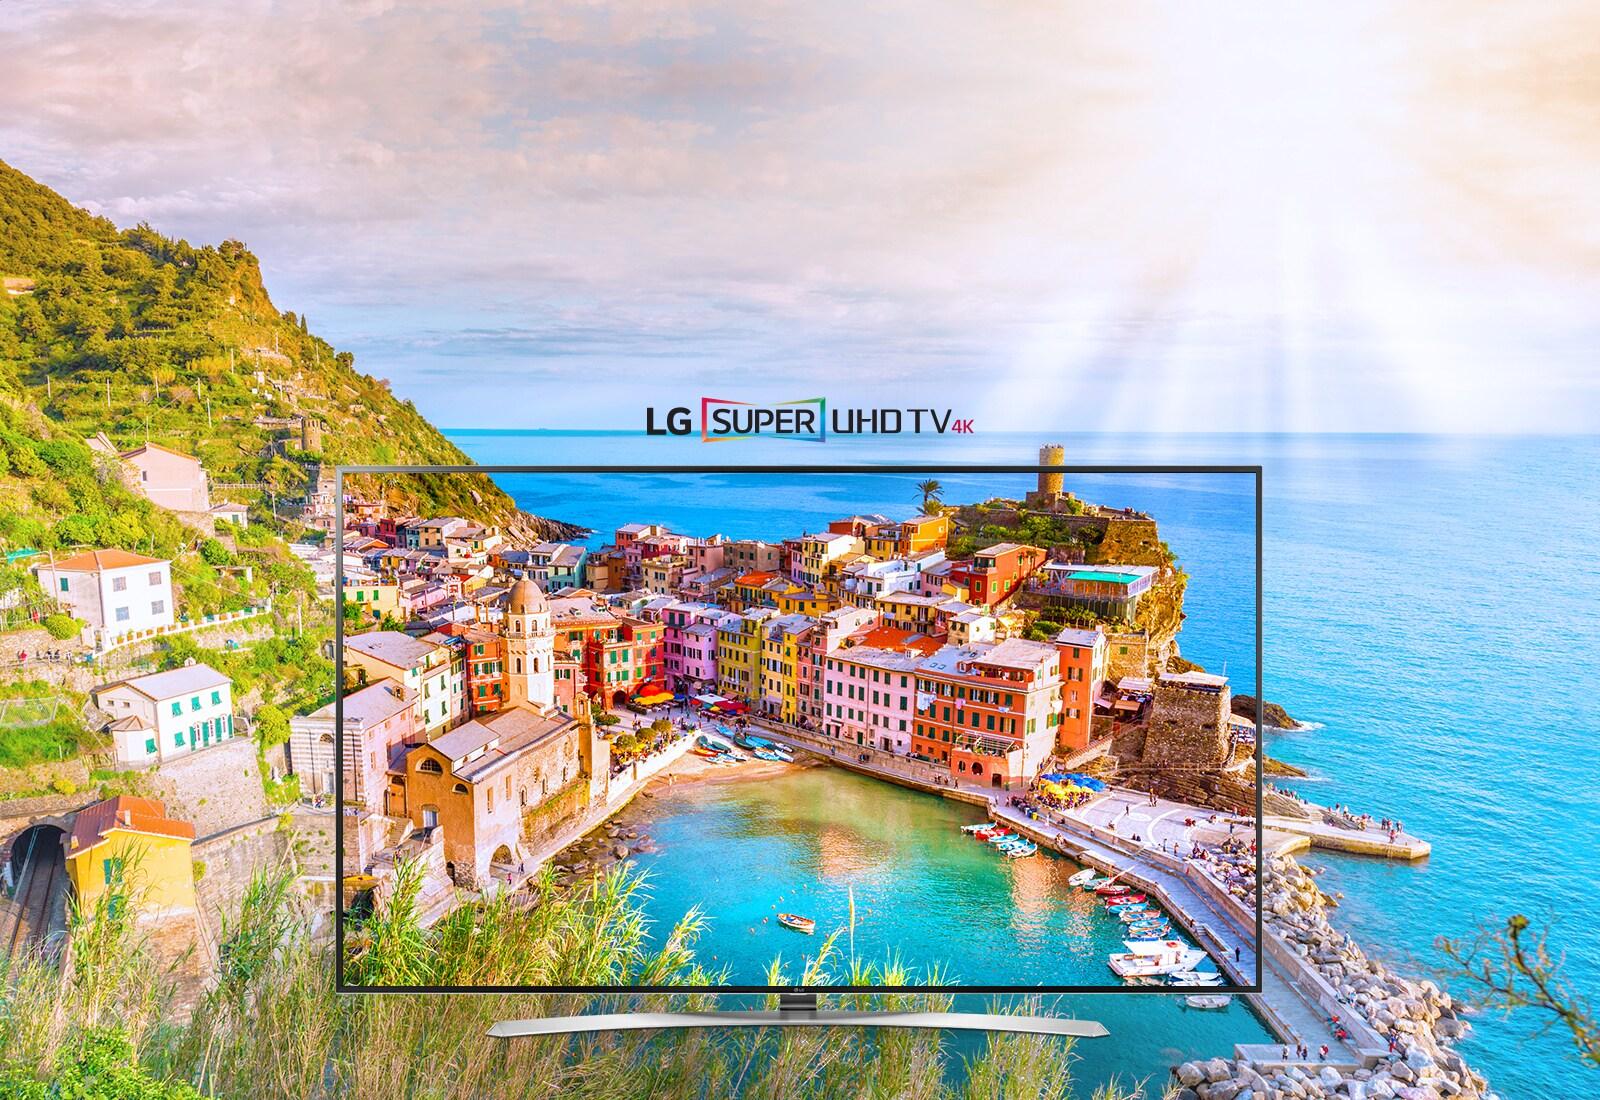 LG SUPER UHD 4K teler